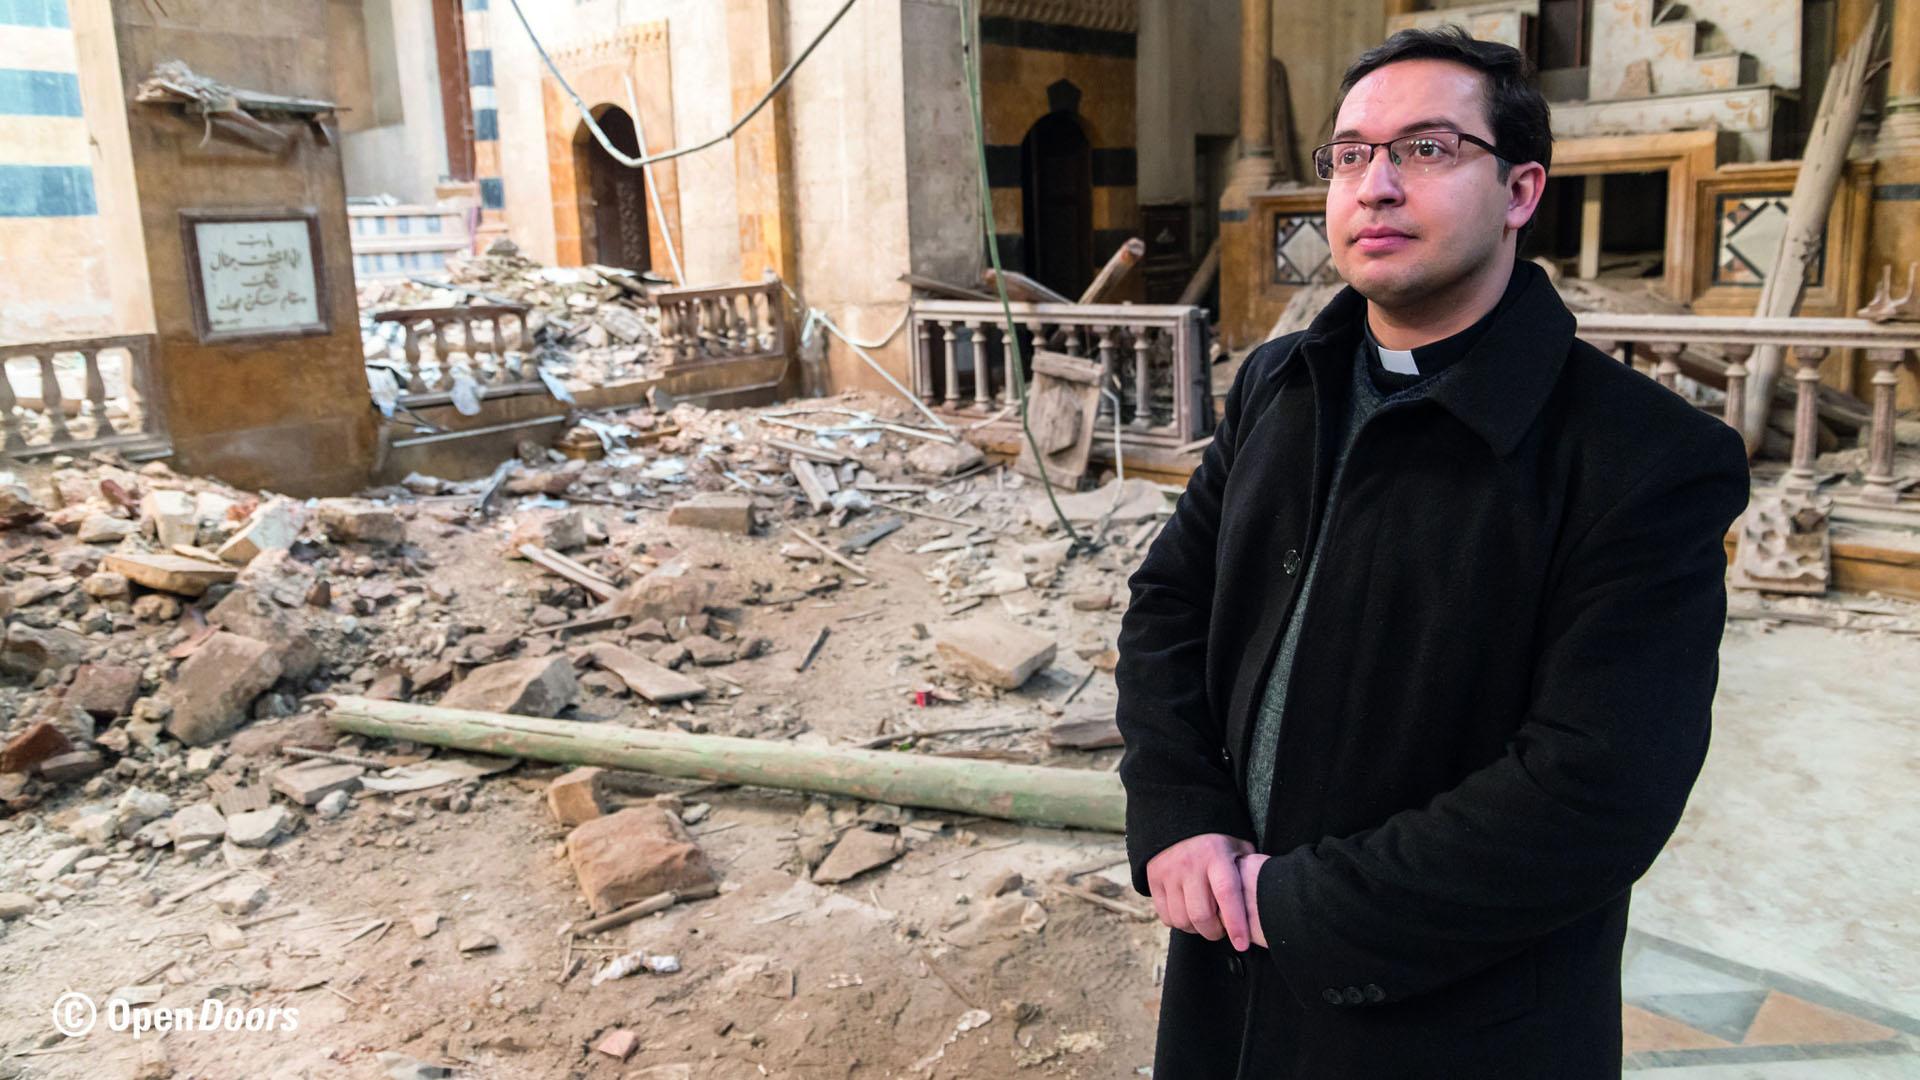 Pater Toni Tahan im Januar 2018 in einer armenisch-katholischen Kirche in Aleppo, die bei einem Angriff durch Bomben zerstörte wurde